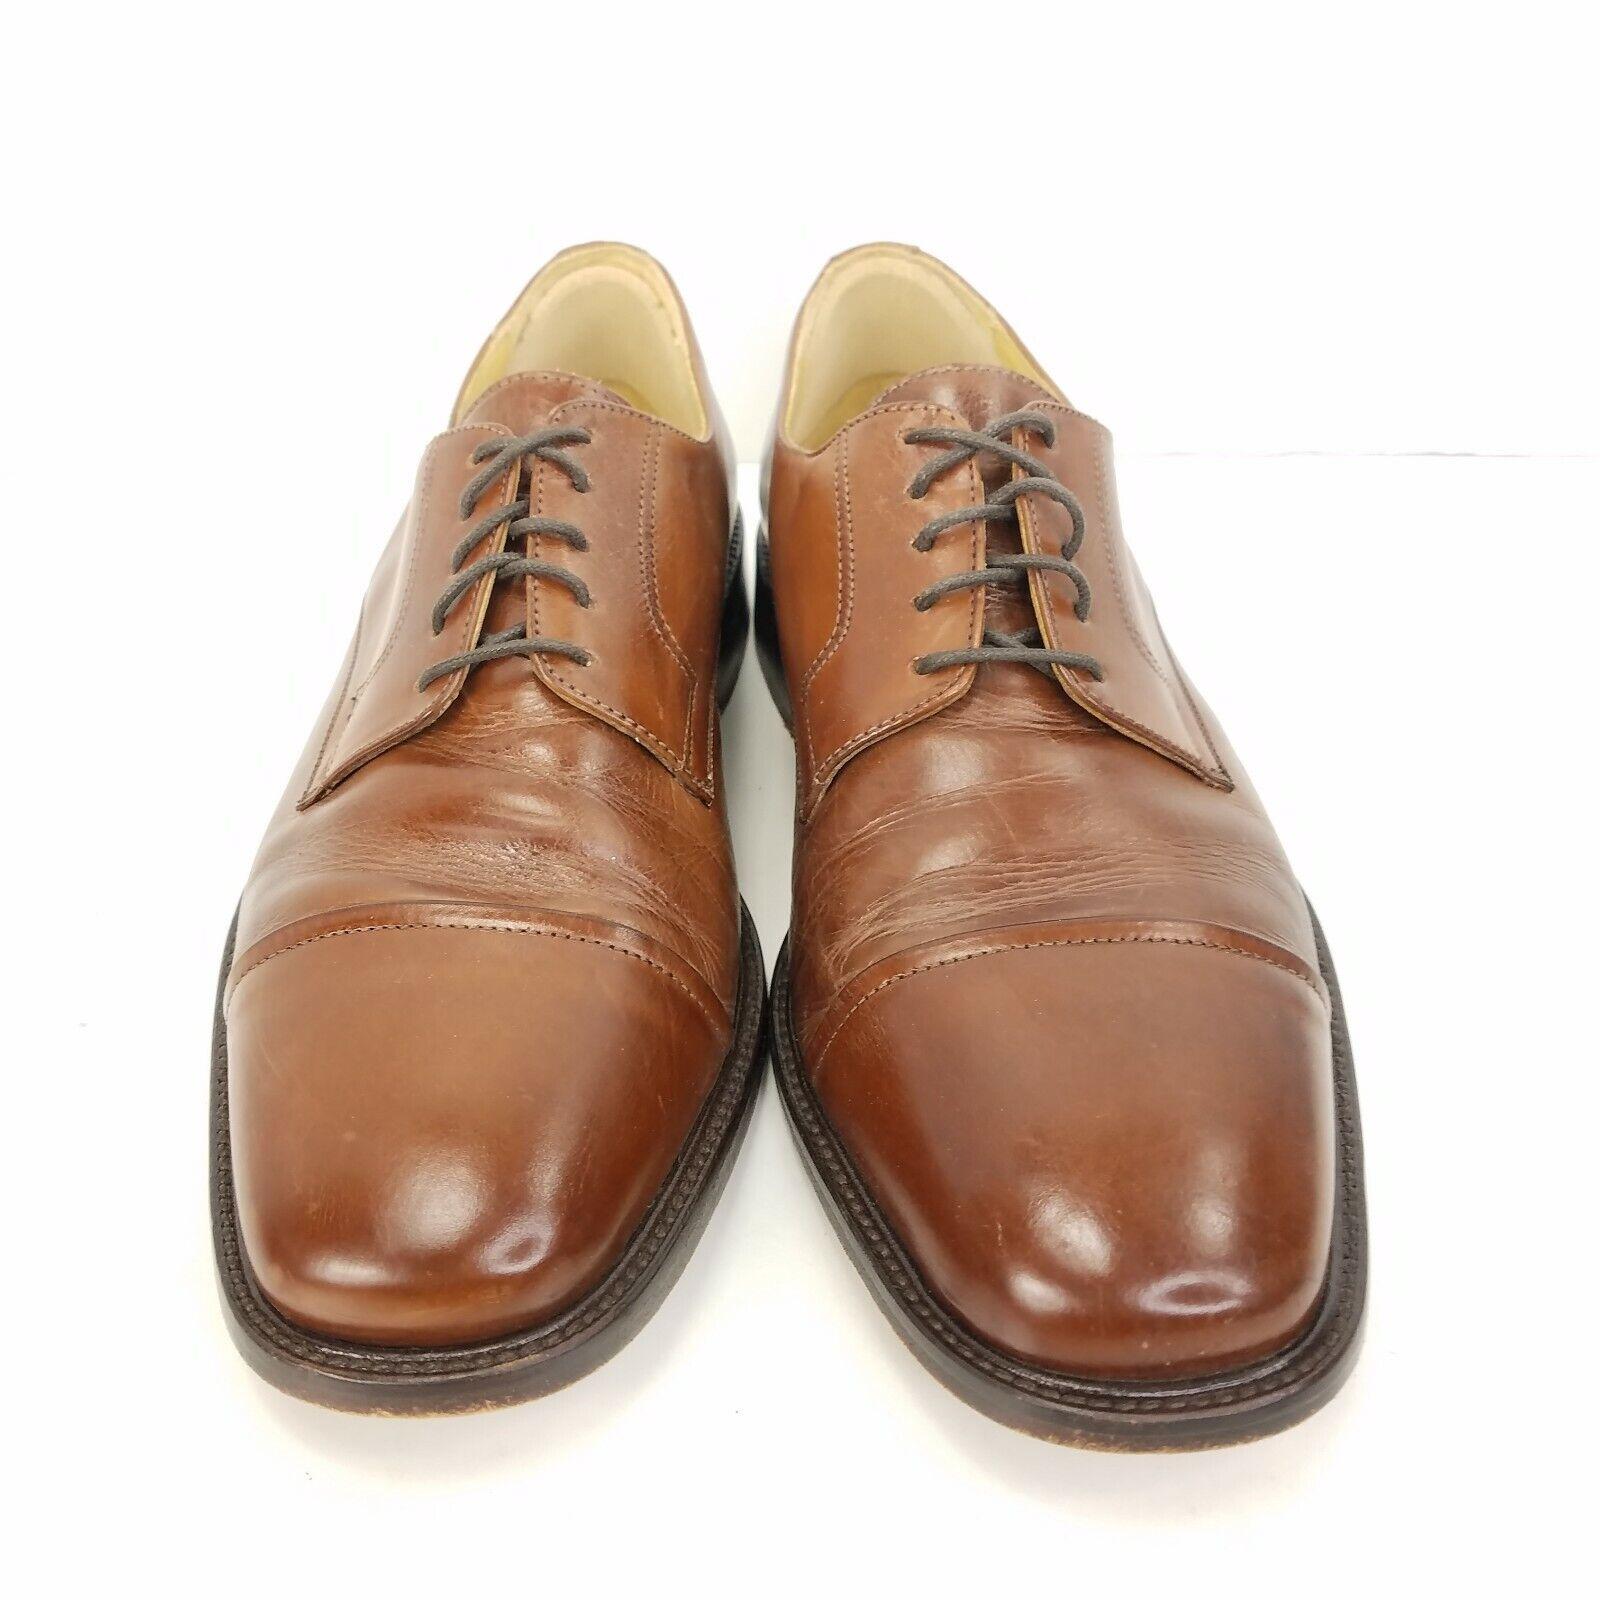 Johnston & Murphy Brown Novick Cognac Cap To Dress Shoes Mens Sz 8.5 Style 11056